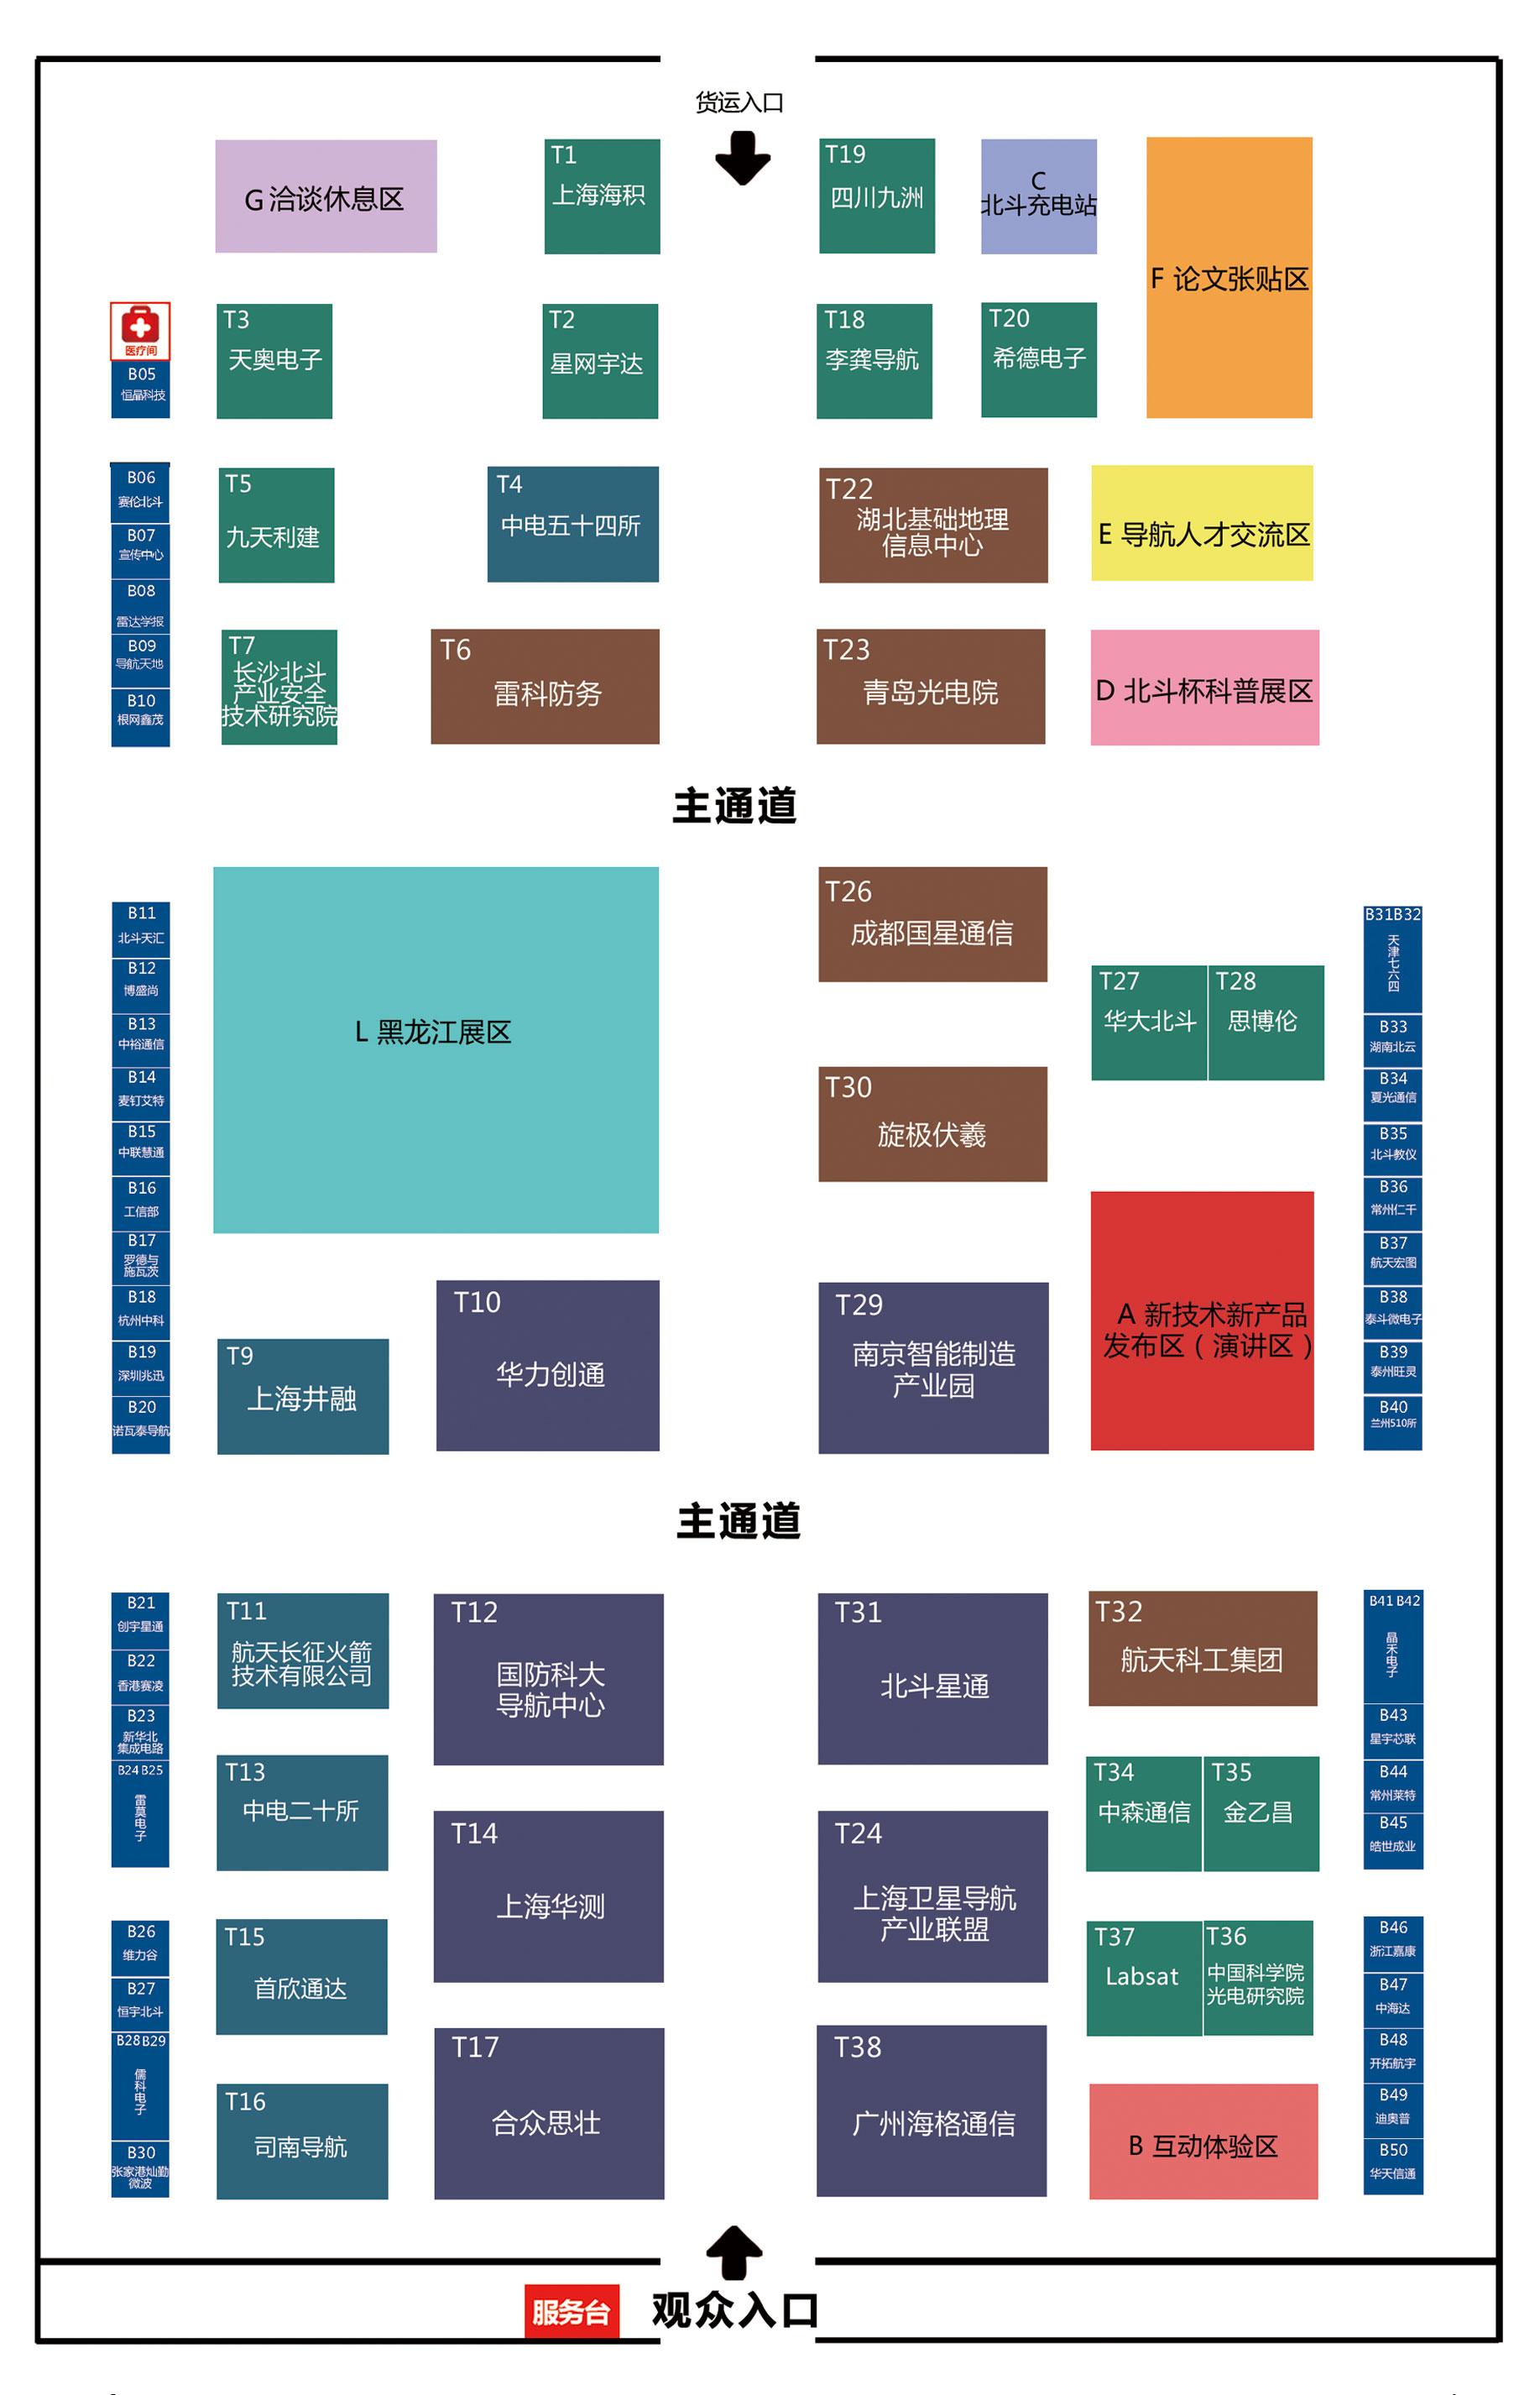 第九届中国卫星导航学术年会技术成果展